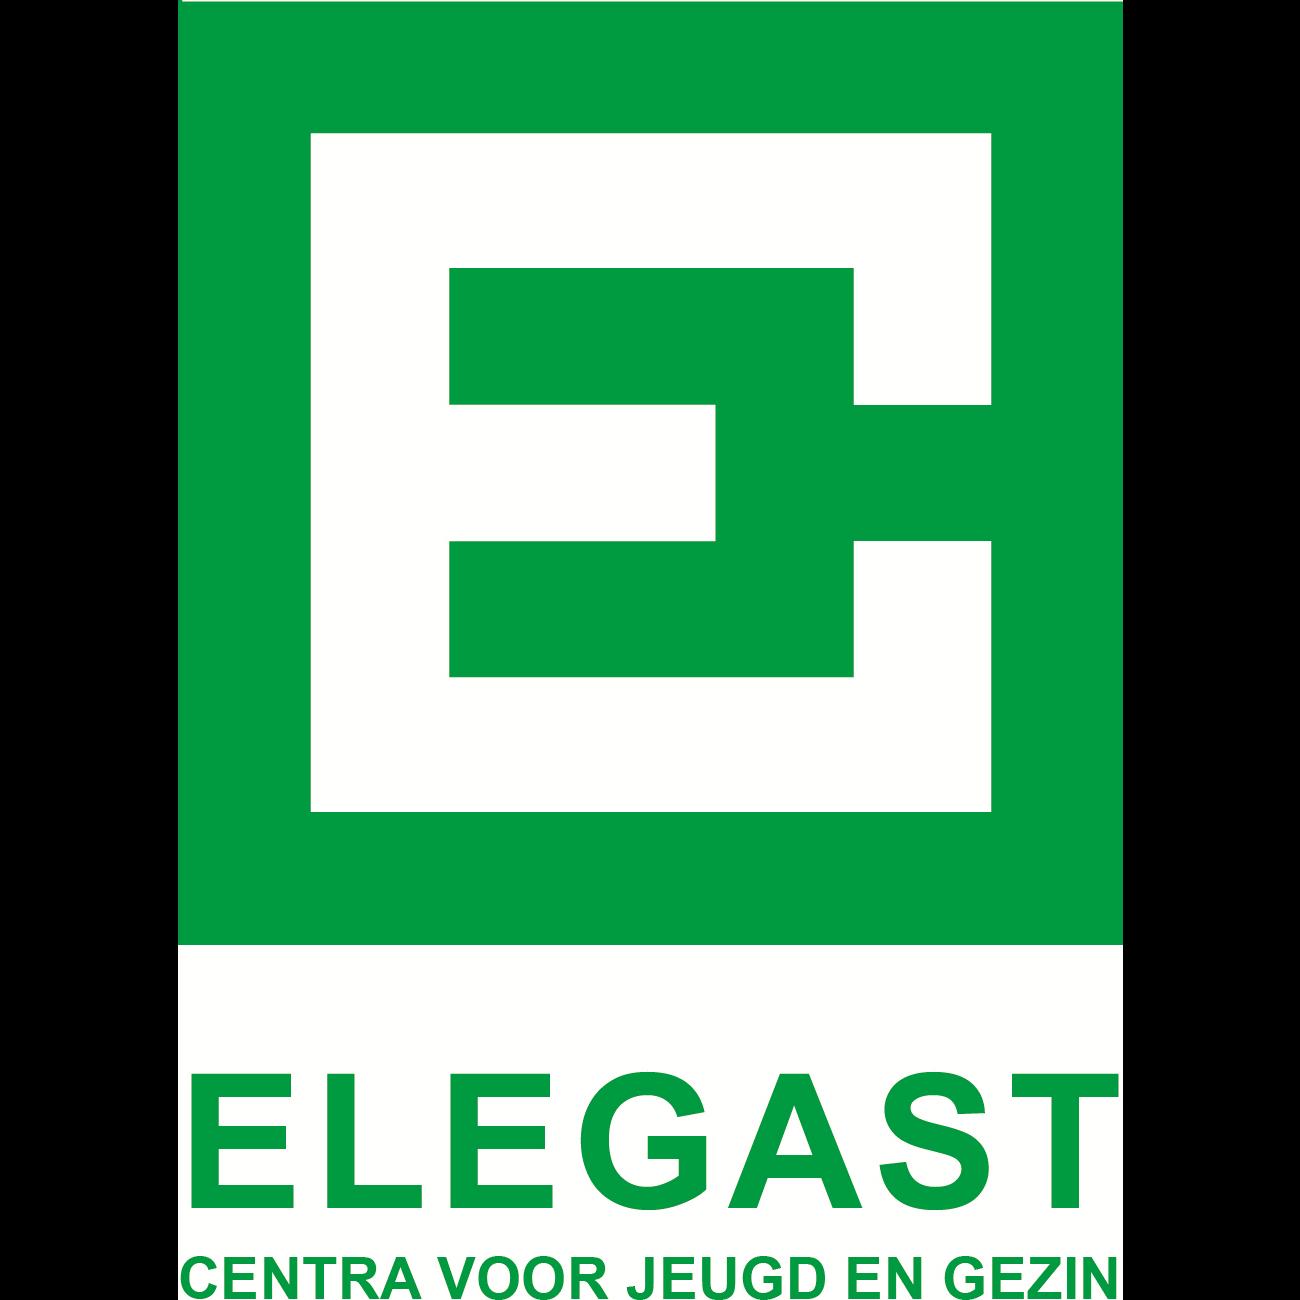 Elegast